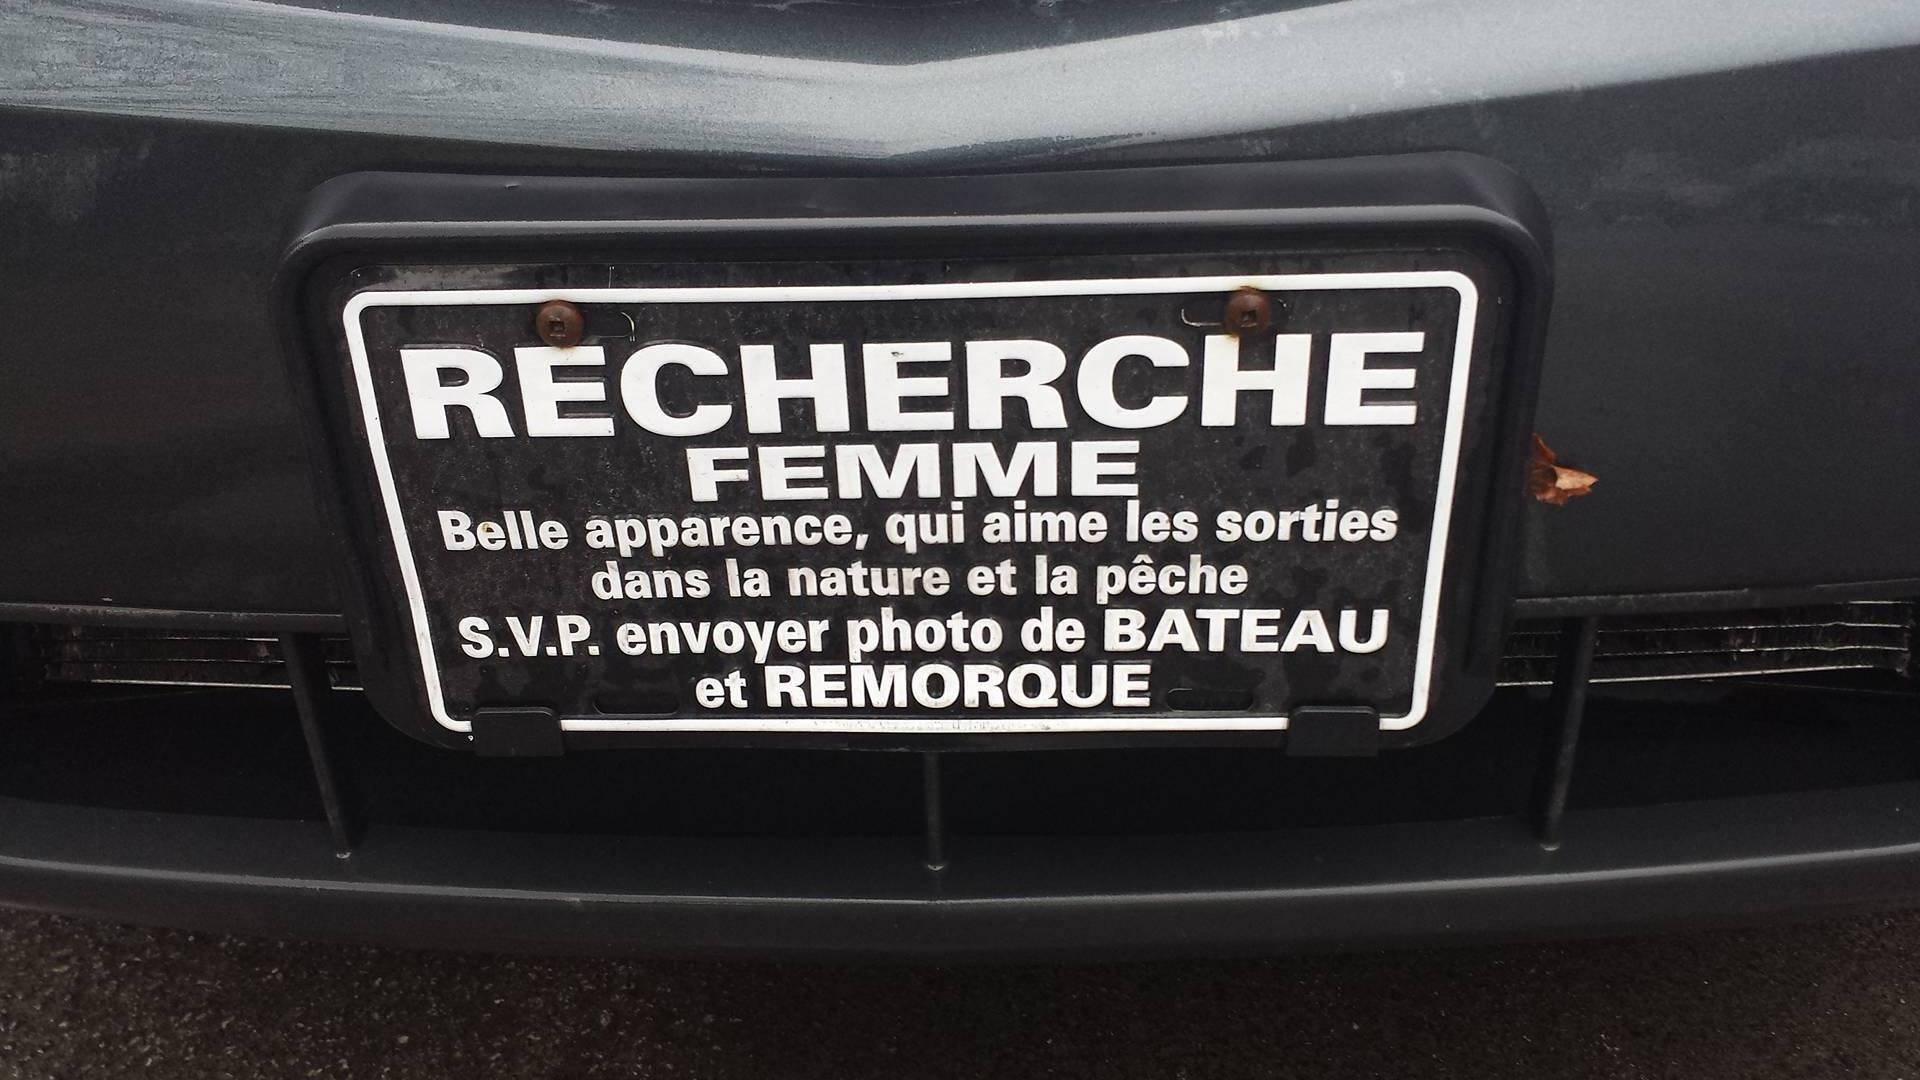 Souvent Plaques comiques | AutoCarbure.com - référence automobile au Québec AO81